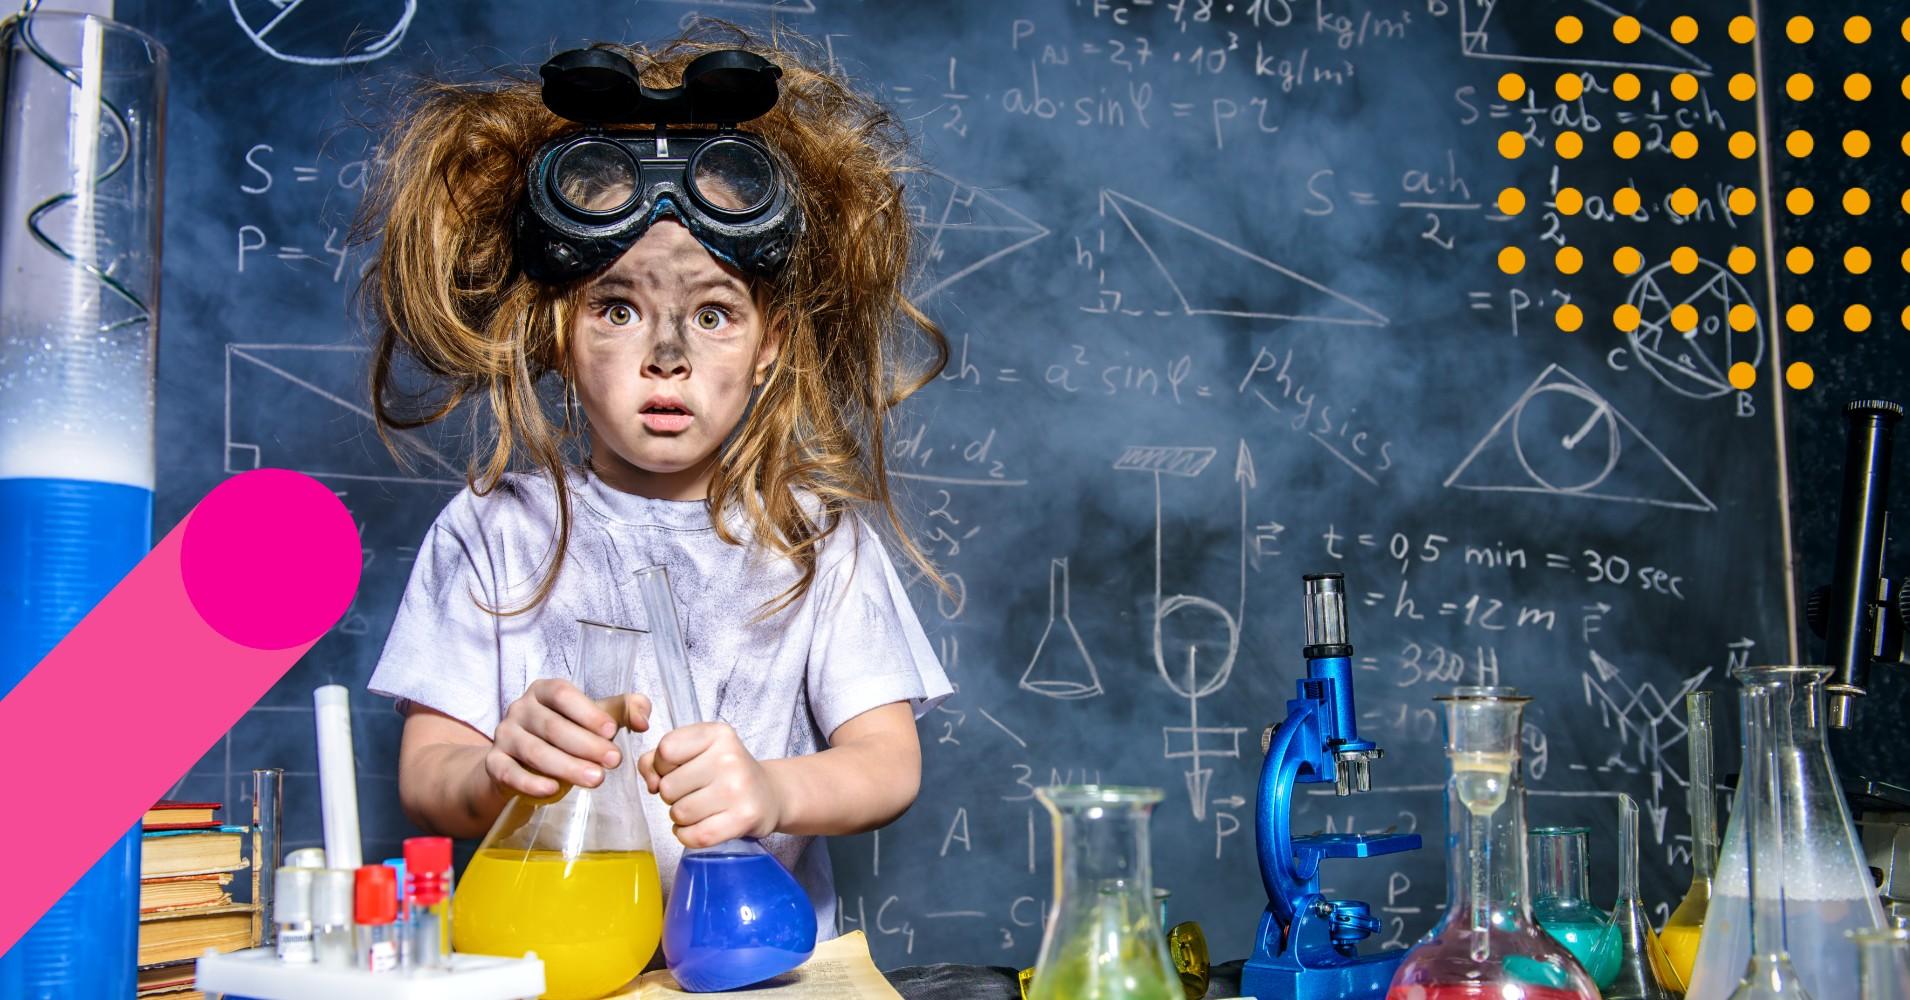 rapariga com cara suja atrás de uma bancada de experiências químicas